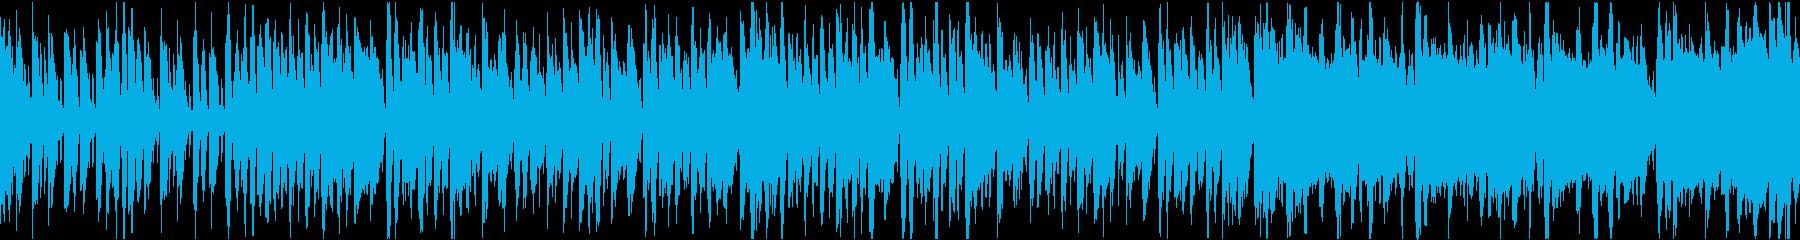 明るい陽気なブラスバンド/ループ可の再生済みの波形